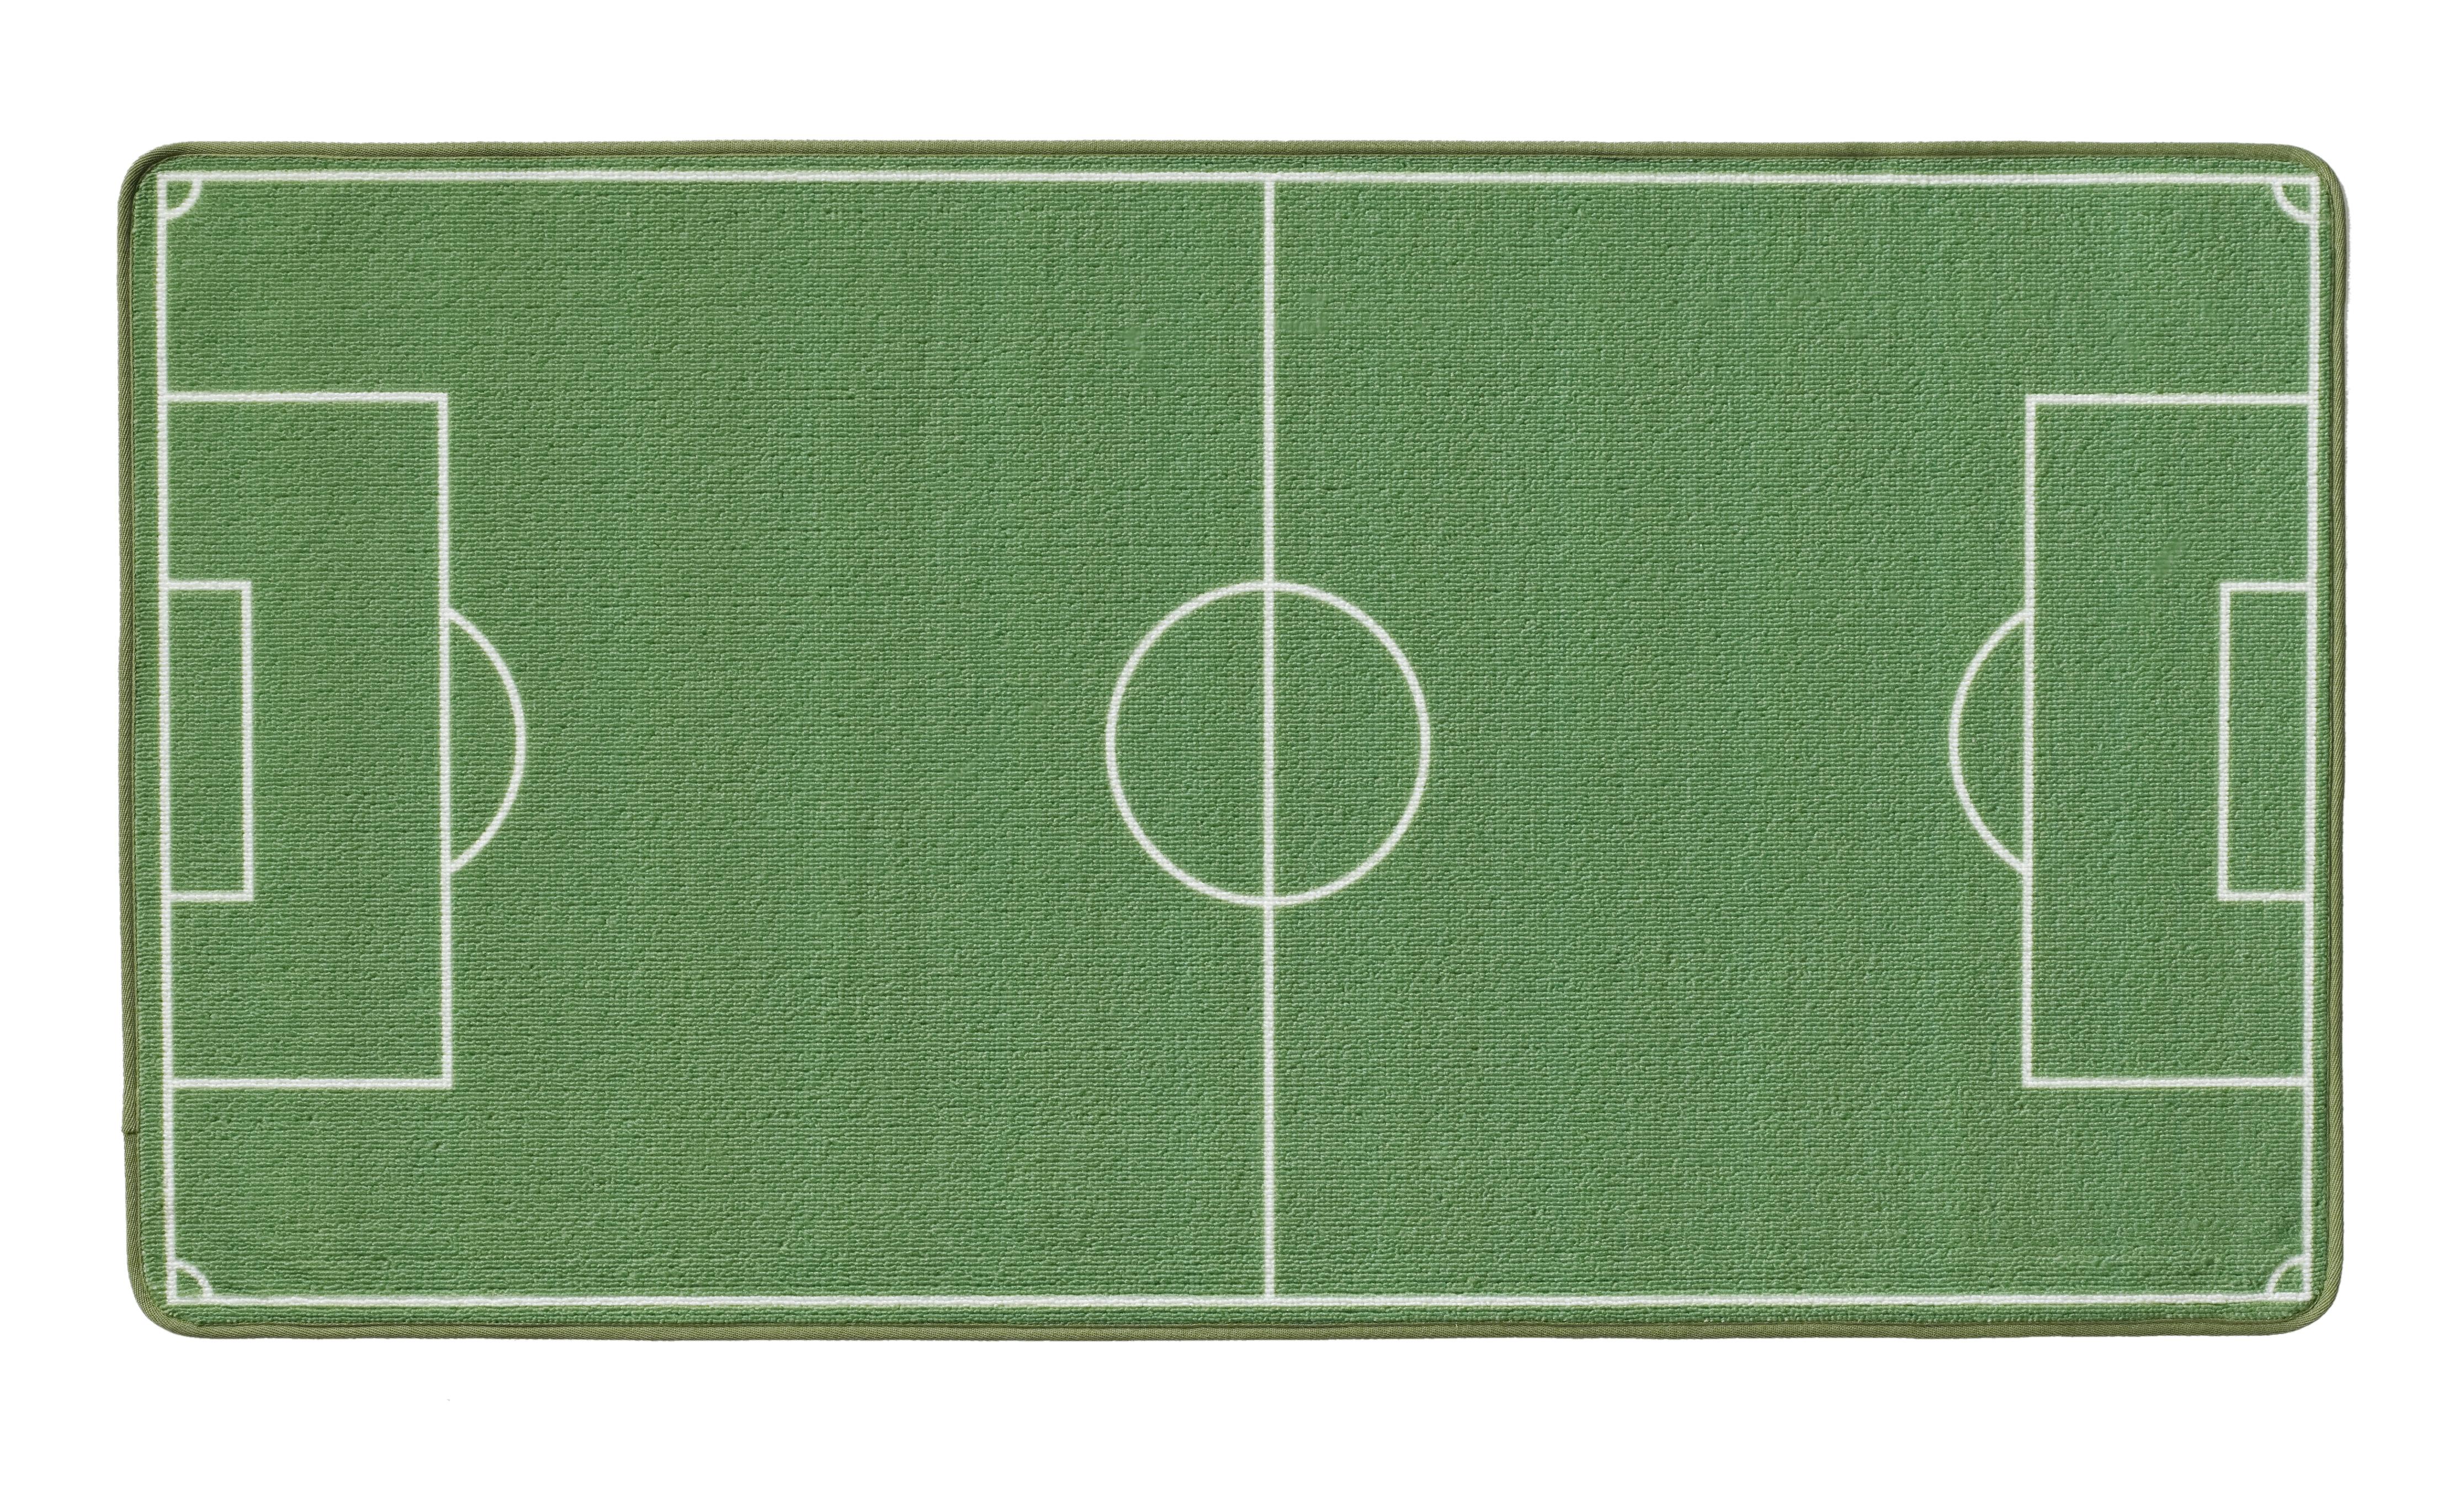 Campo da calcio tappeto bambini giocano tappeto verde - Tappeto riscaldamento pavimento ...